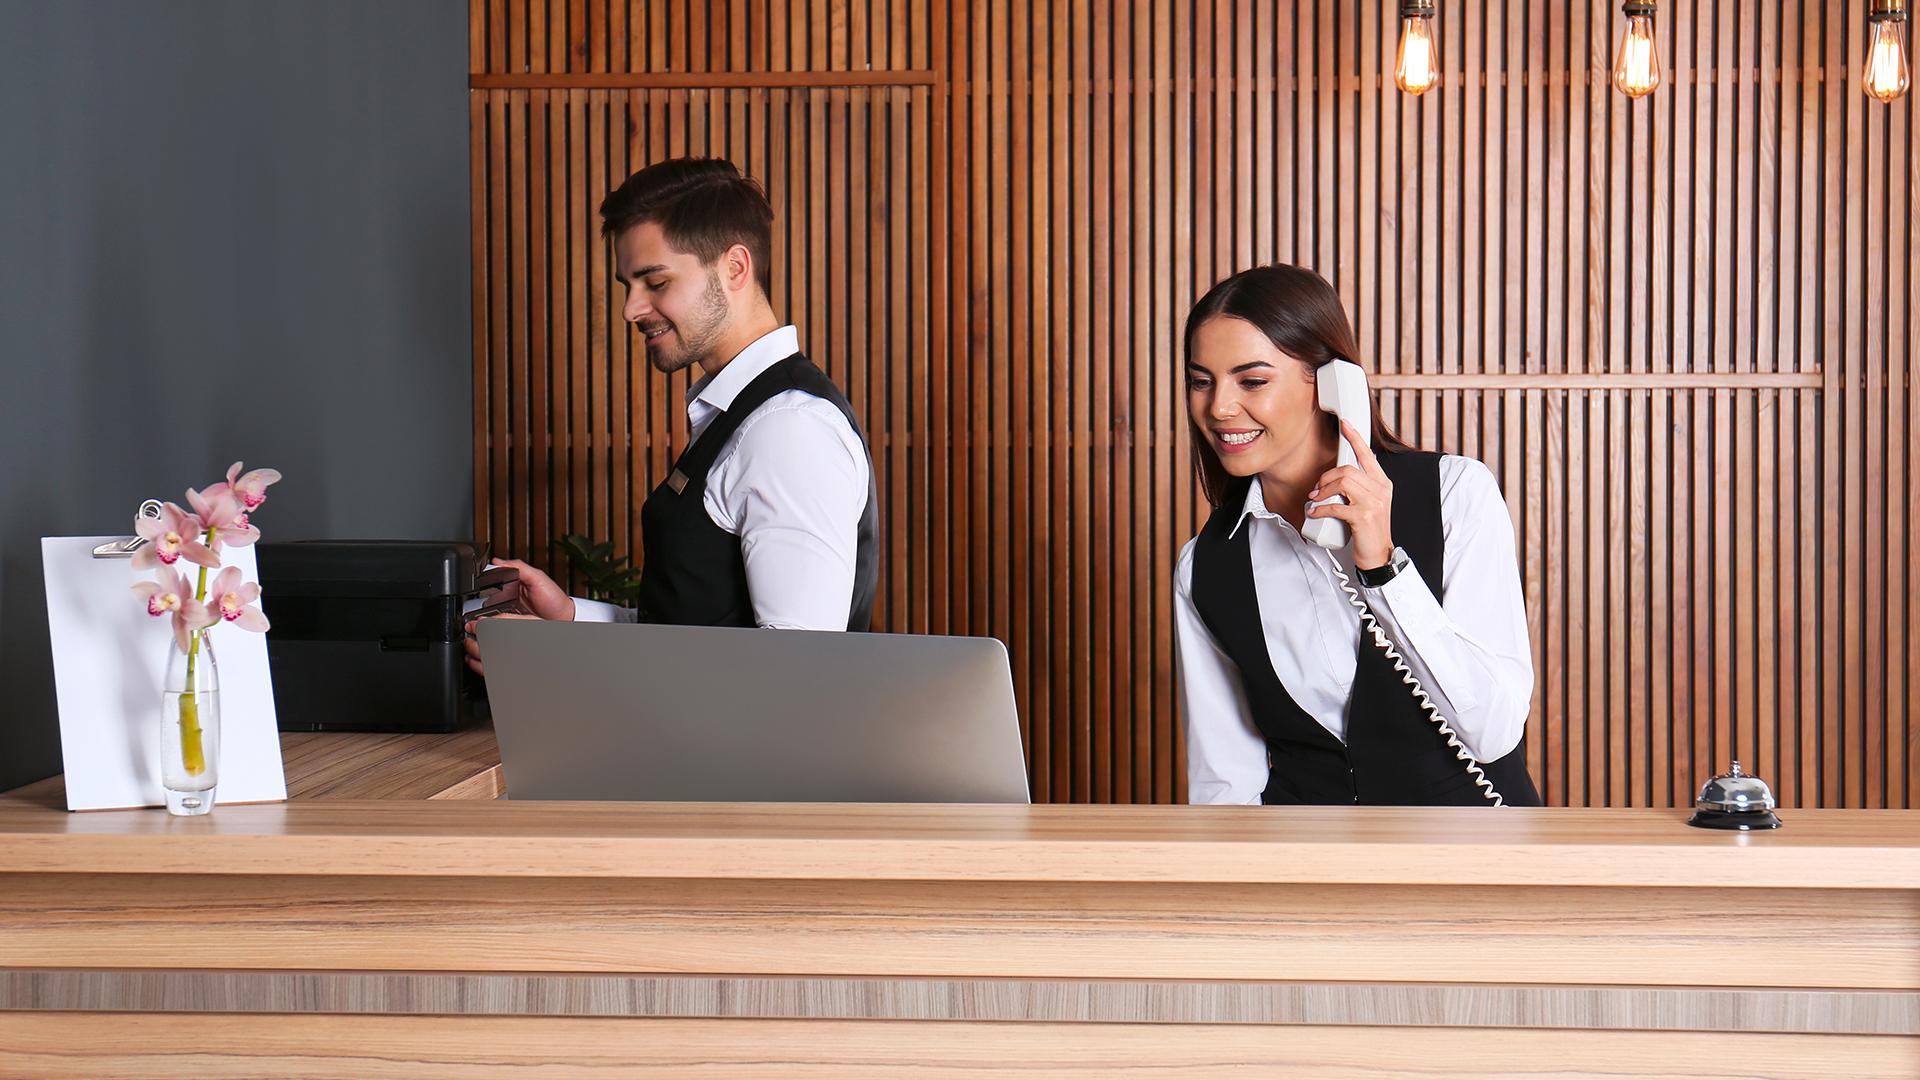 Tutela legale das hotel alberghi difesa albergo 01072020